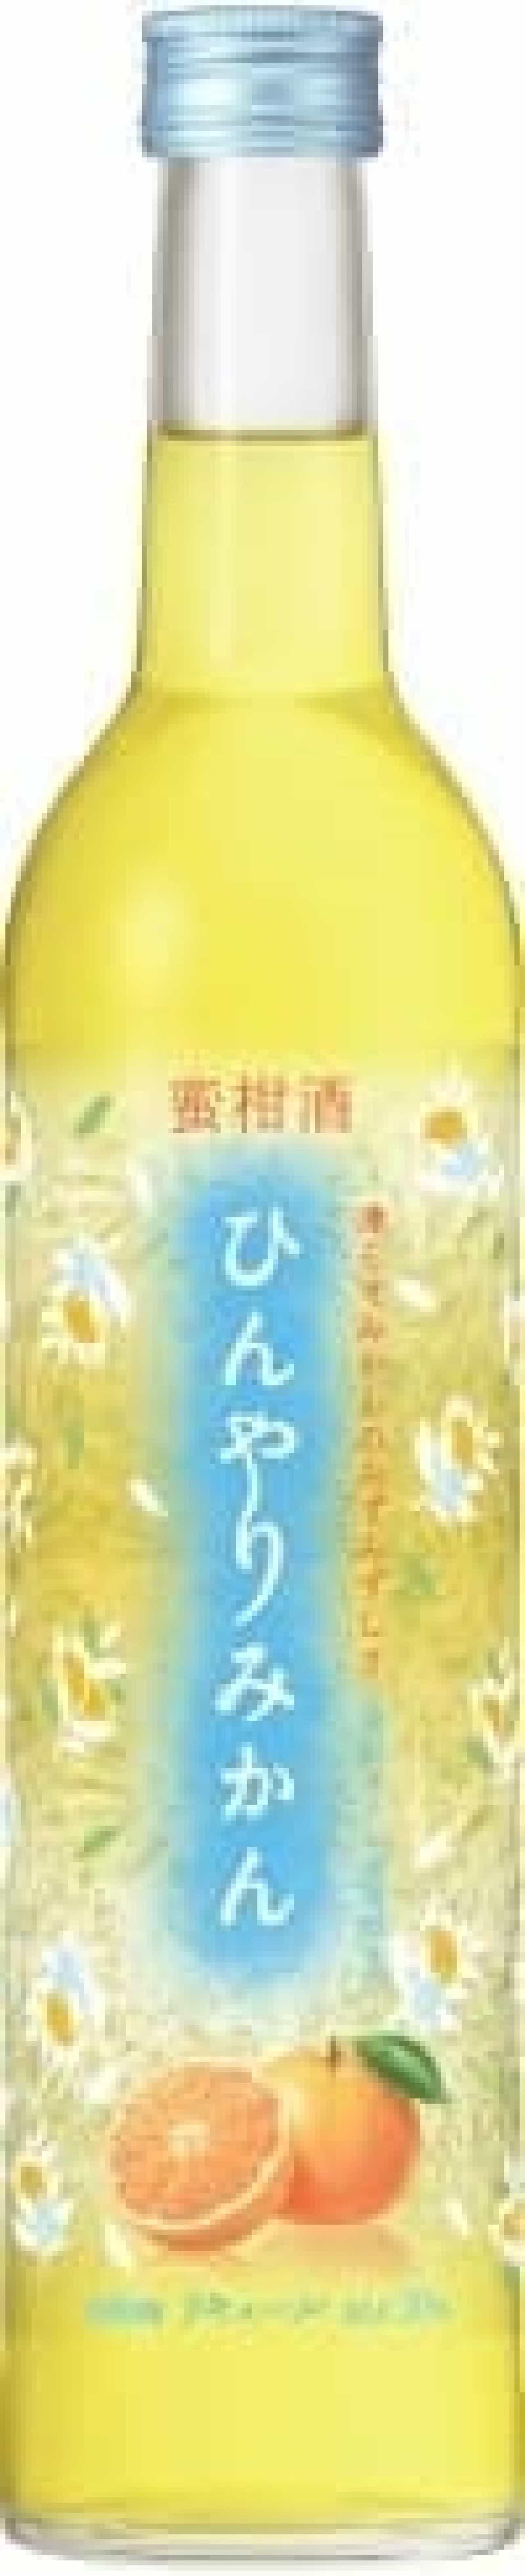 キリンビール「キリン 蜜柑酒 ひんやりみかん」